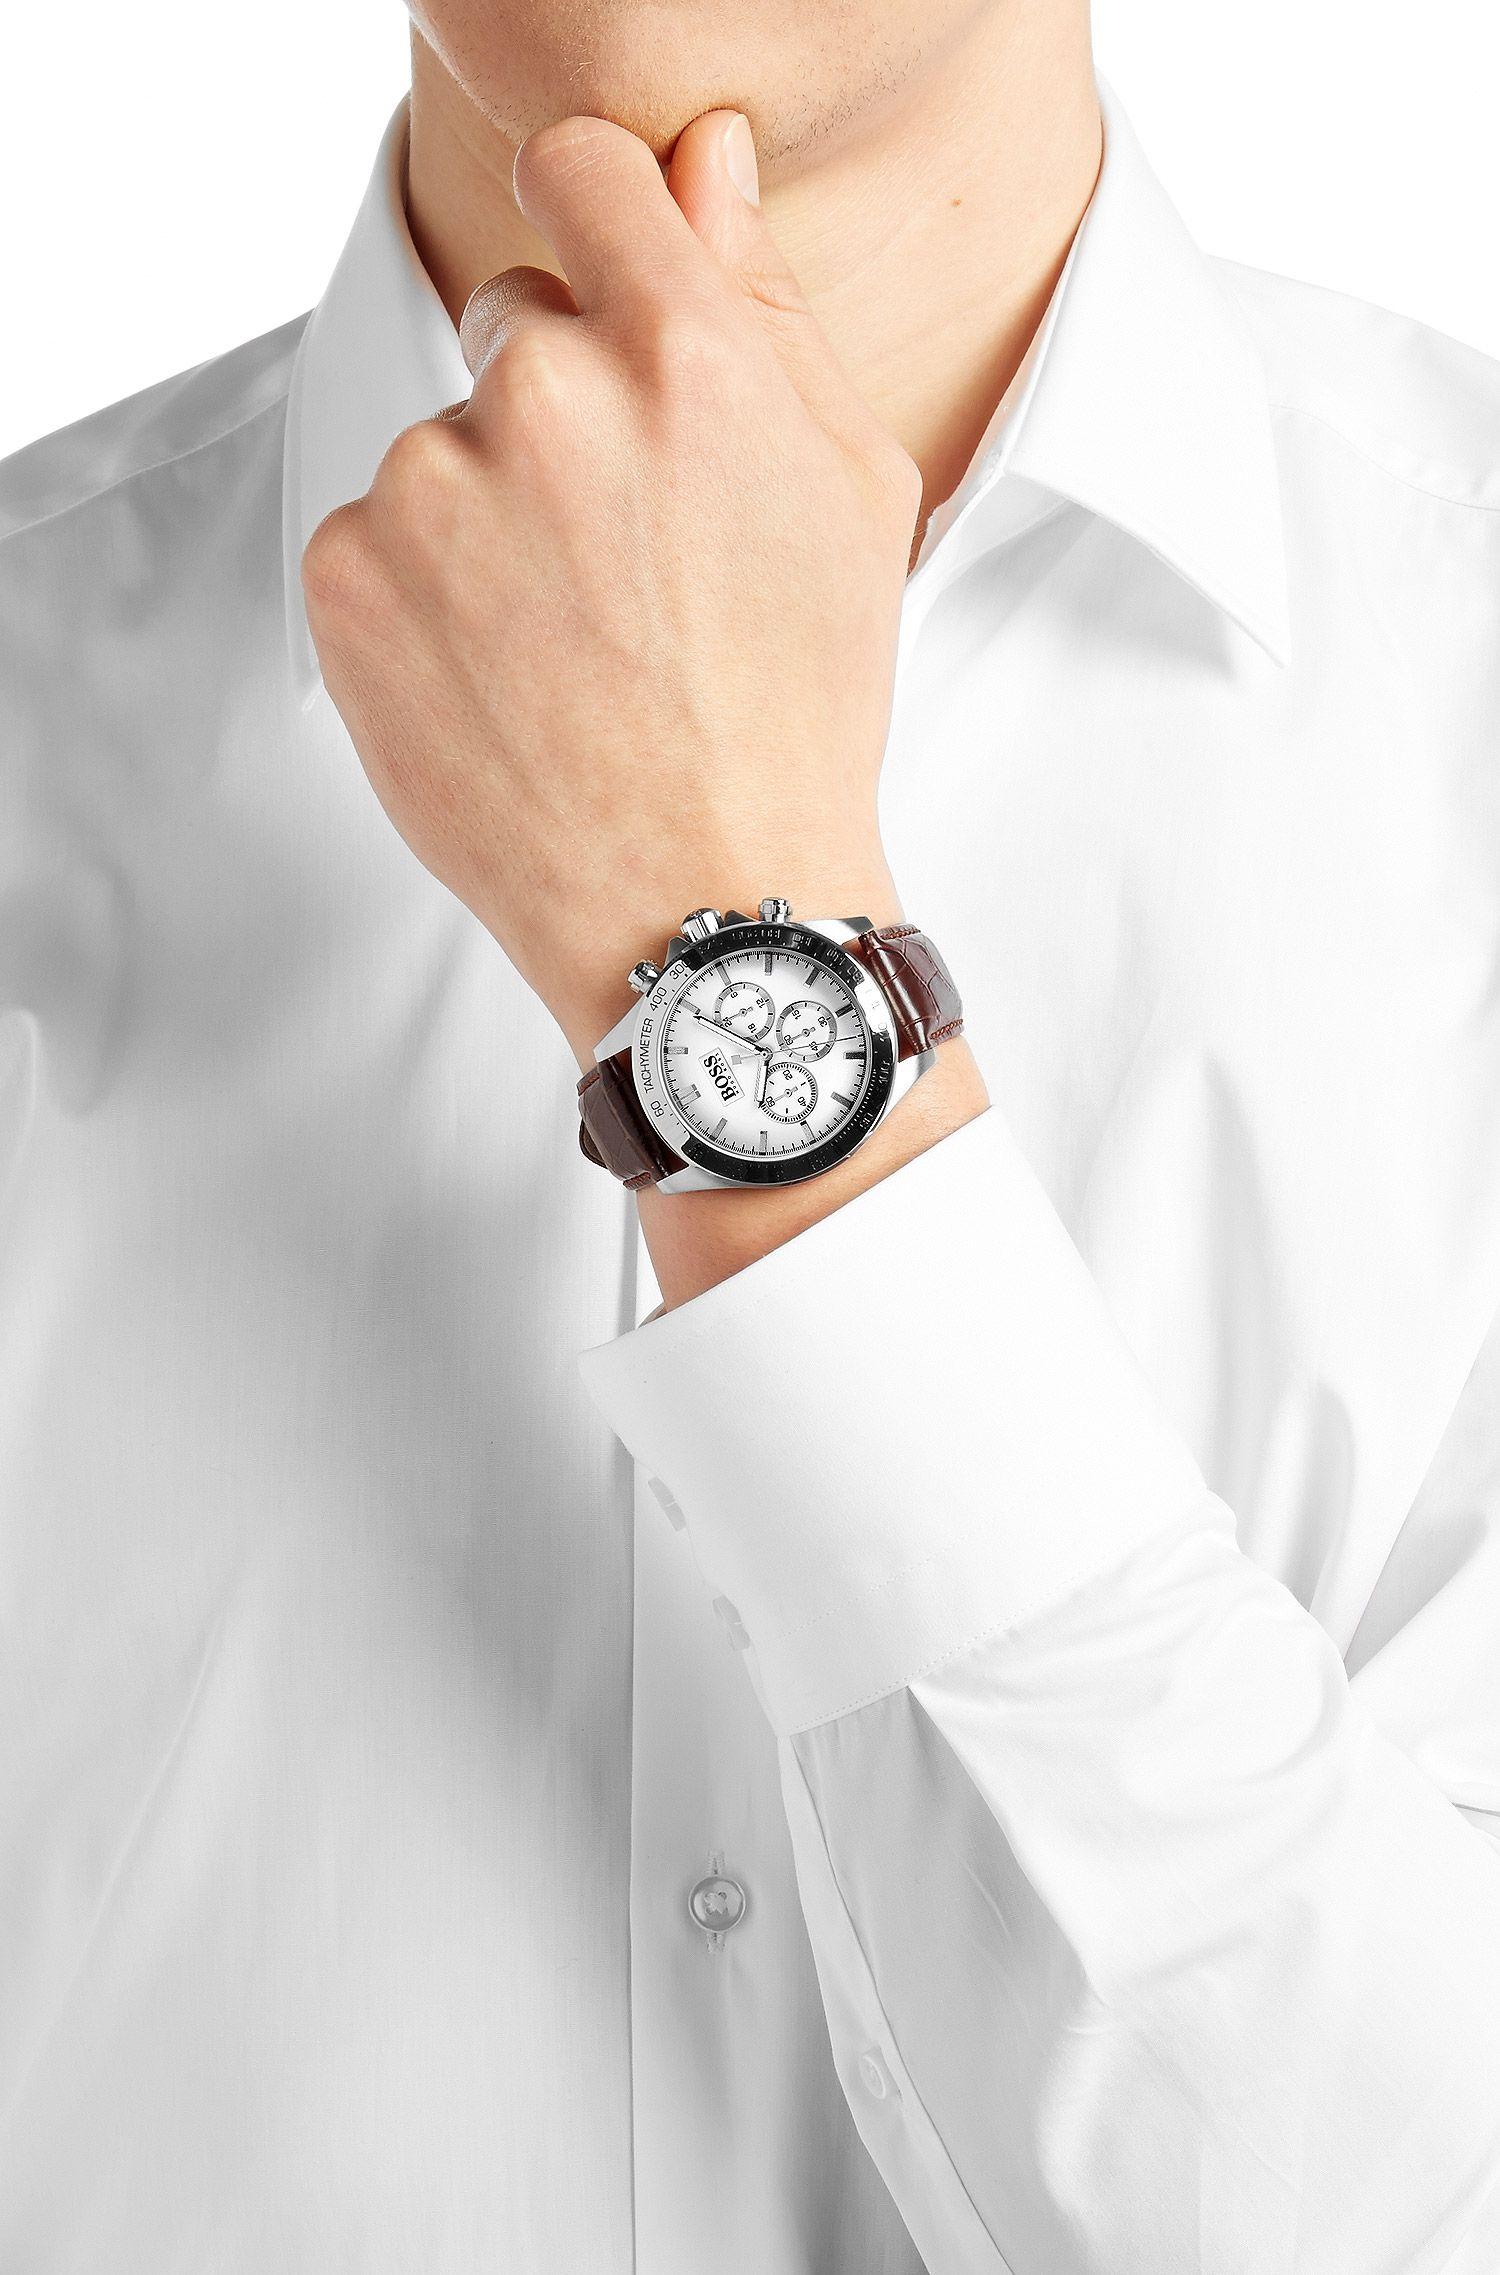 Chronographe «HBIKON» avec mouvement à quartz